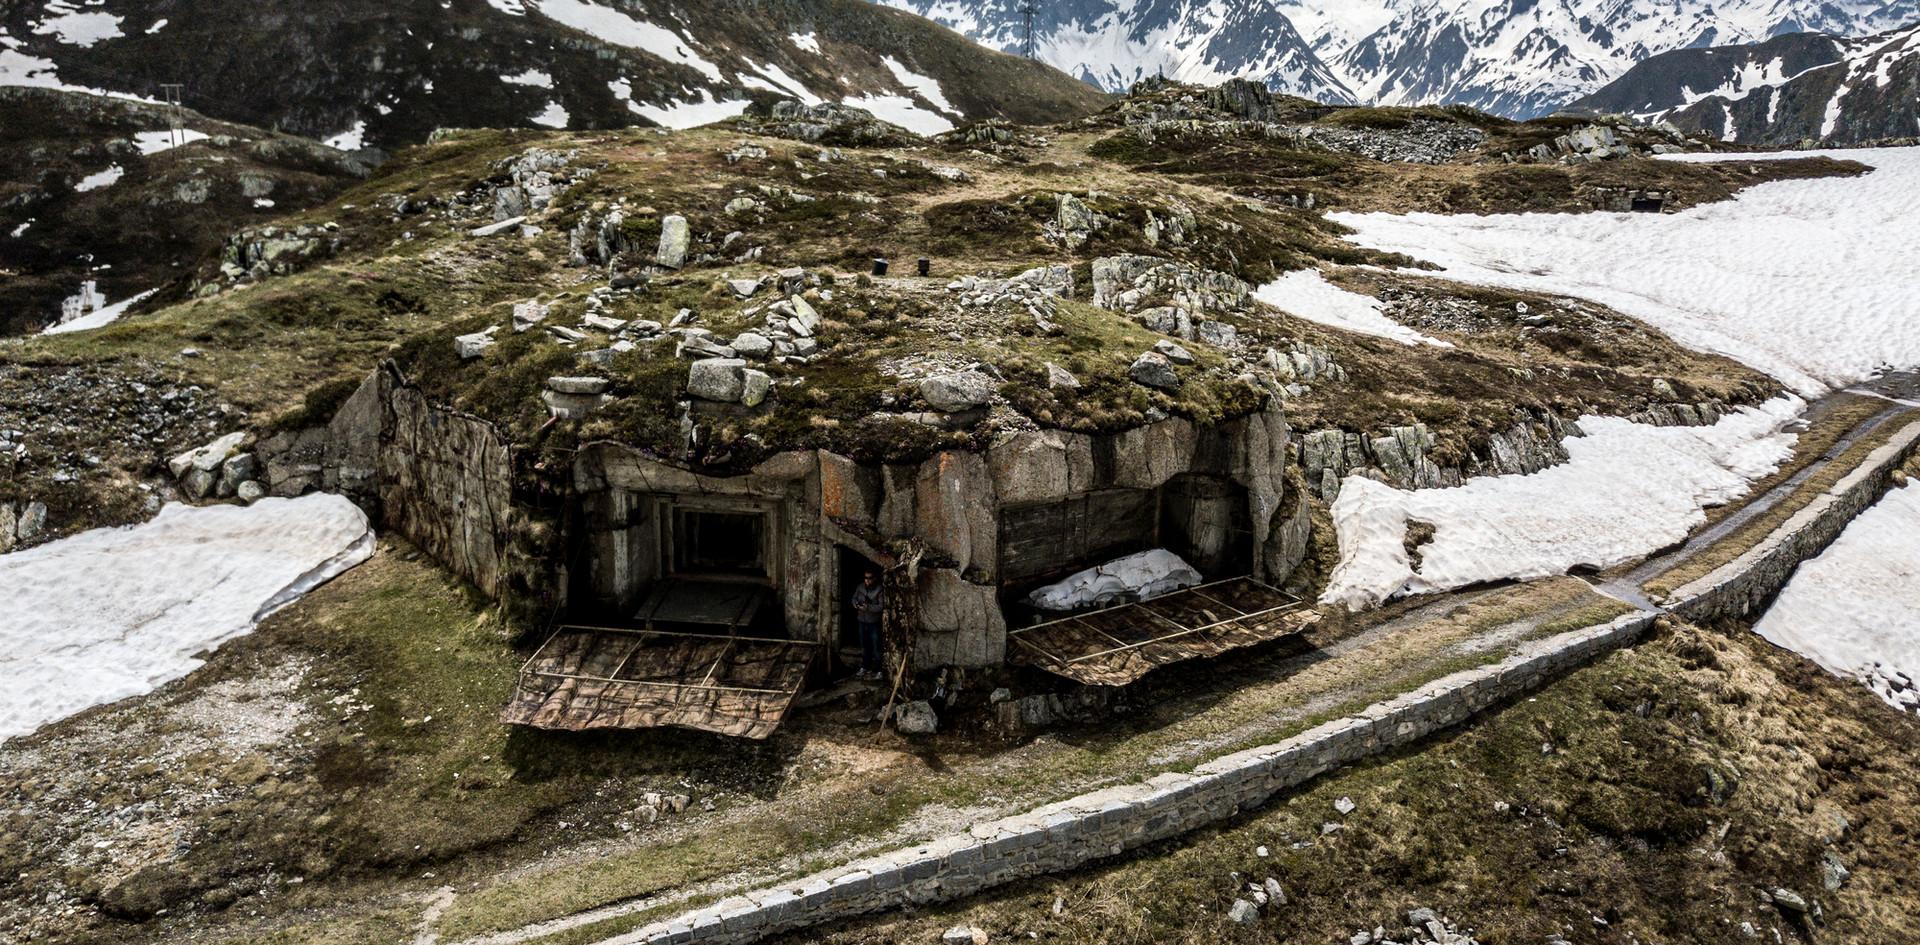 Questo bunker fa parte del sistema di difesa esterna presente nella nostra fortezza. Durante la visita guidata guardia di fortificazione sono mostrate anche queste installazioni nascoste!